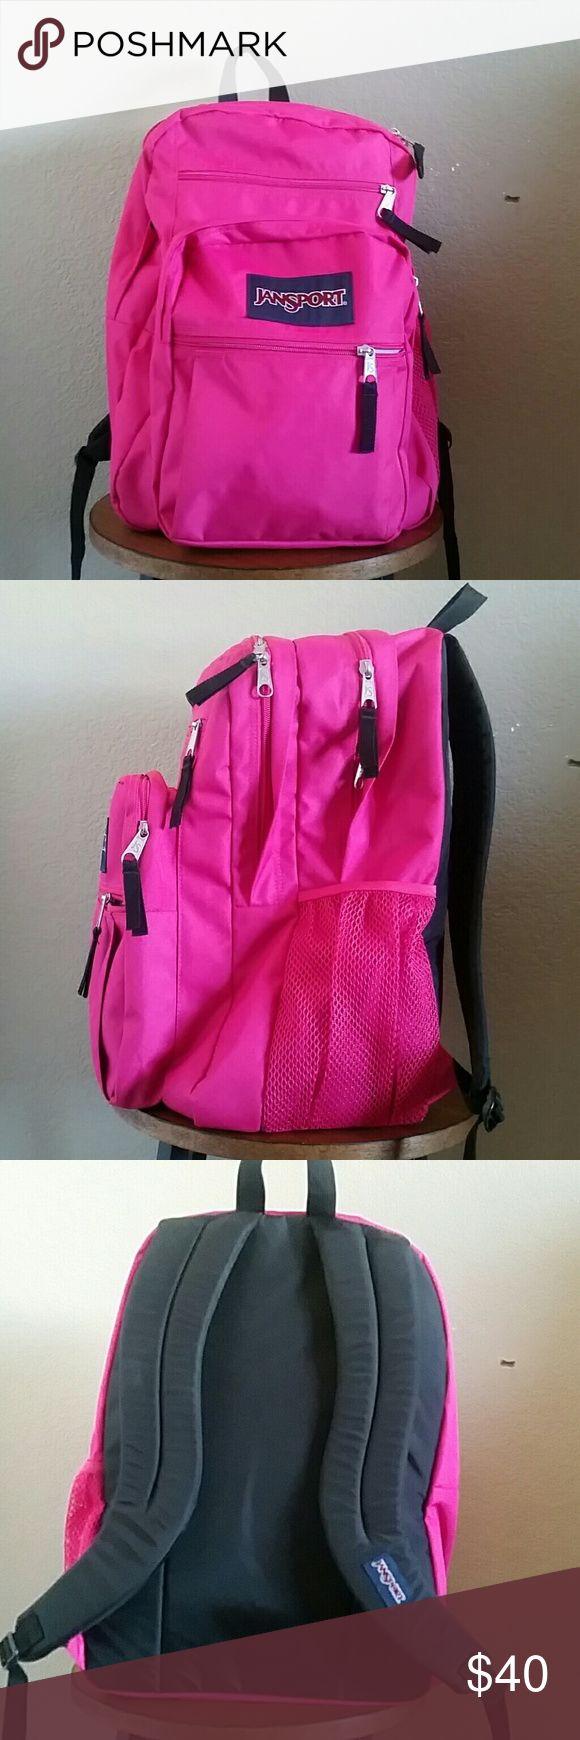 Jansport big student backpack, fuchsia Jansport big student back pack, fuchsia, used for a few weeks, excellent condition Jansport Bags Backpacks